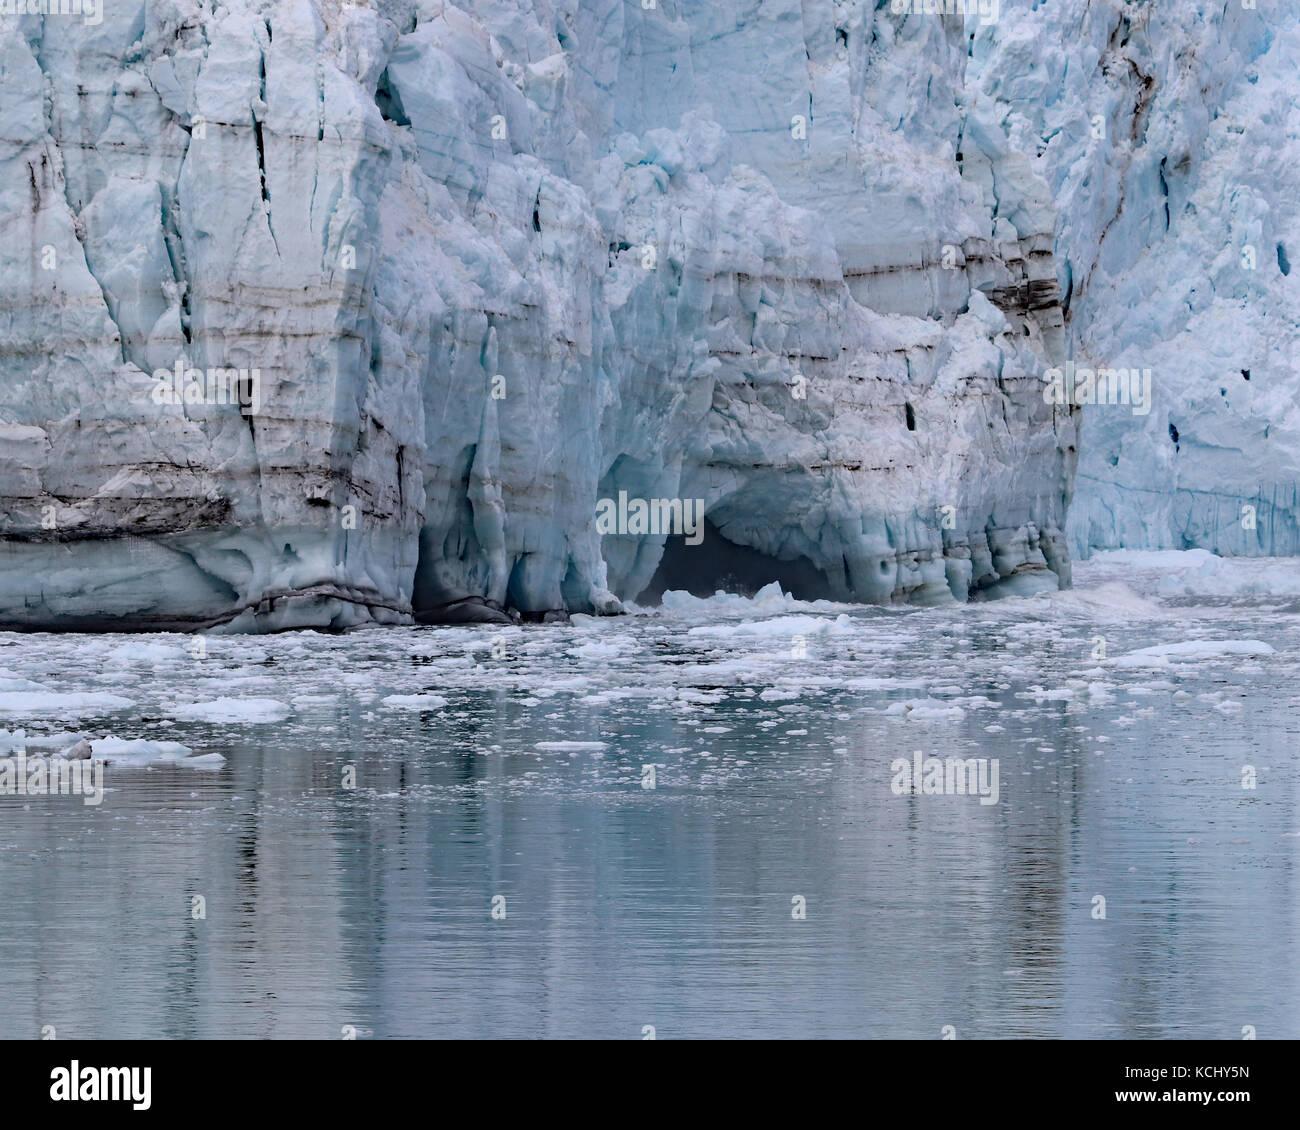 Caves commencent à former à la base des glaciers comme le fond de l'eau et la glace des veaux. margerie glacier mai 2017 Banque D'Images